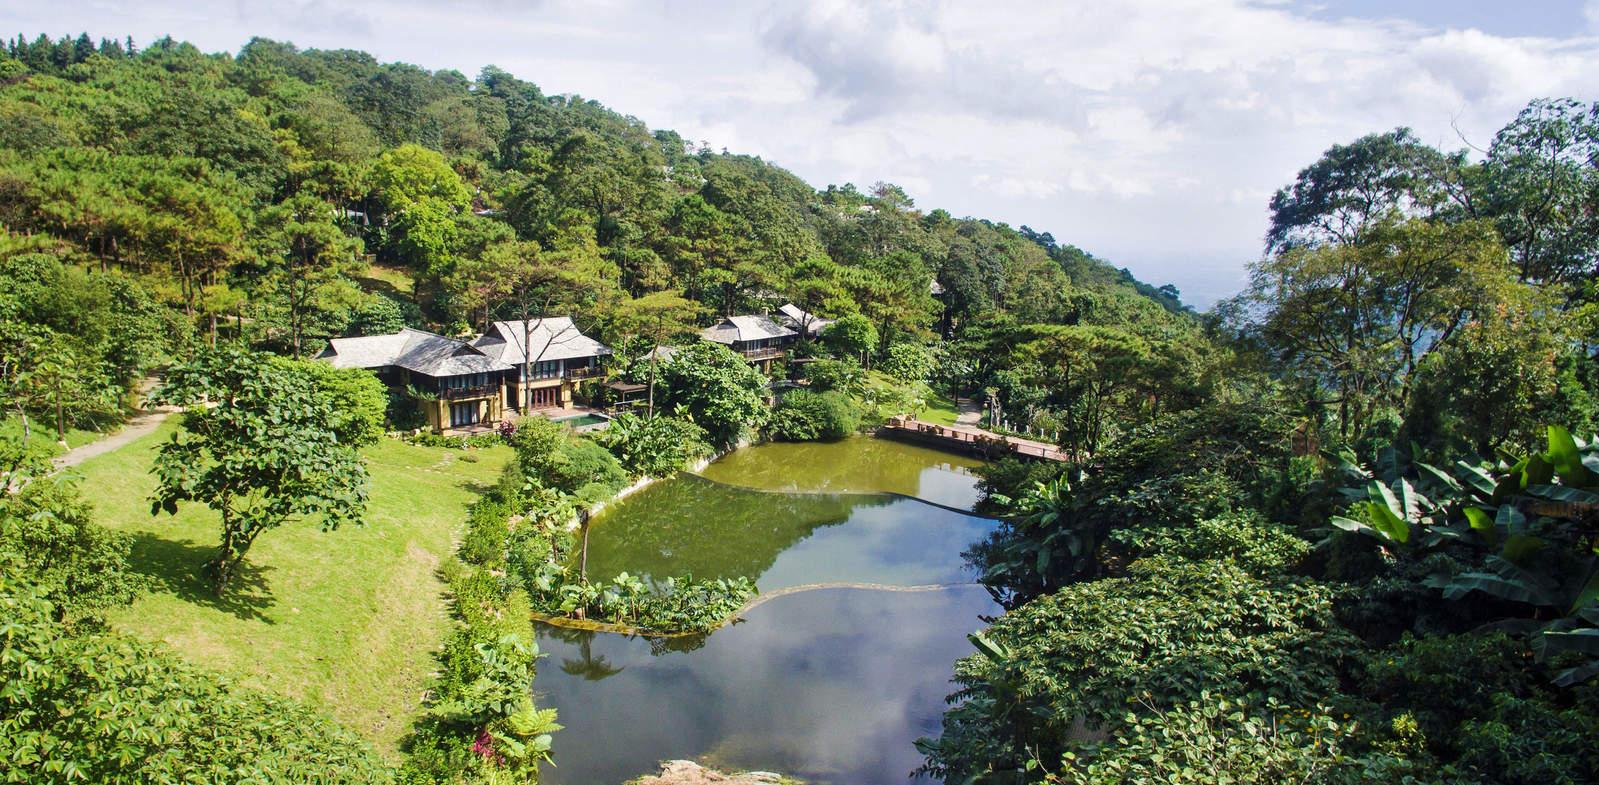 Meliá Ba Vì Moutain Retreat nằm trong khuôn viên Vườn quốc gia Ba Vì được nhiều du khách lựa chọn cho kỳ nghỉ cuối tuần. Ảnh: Meliá.